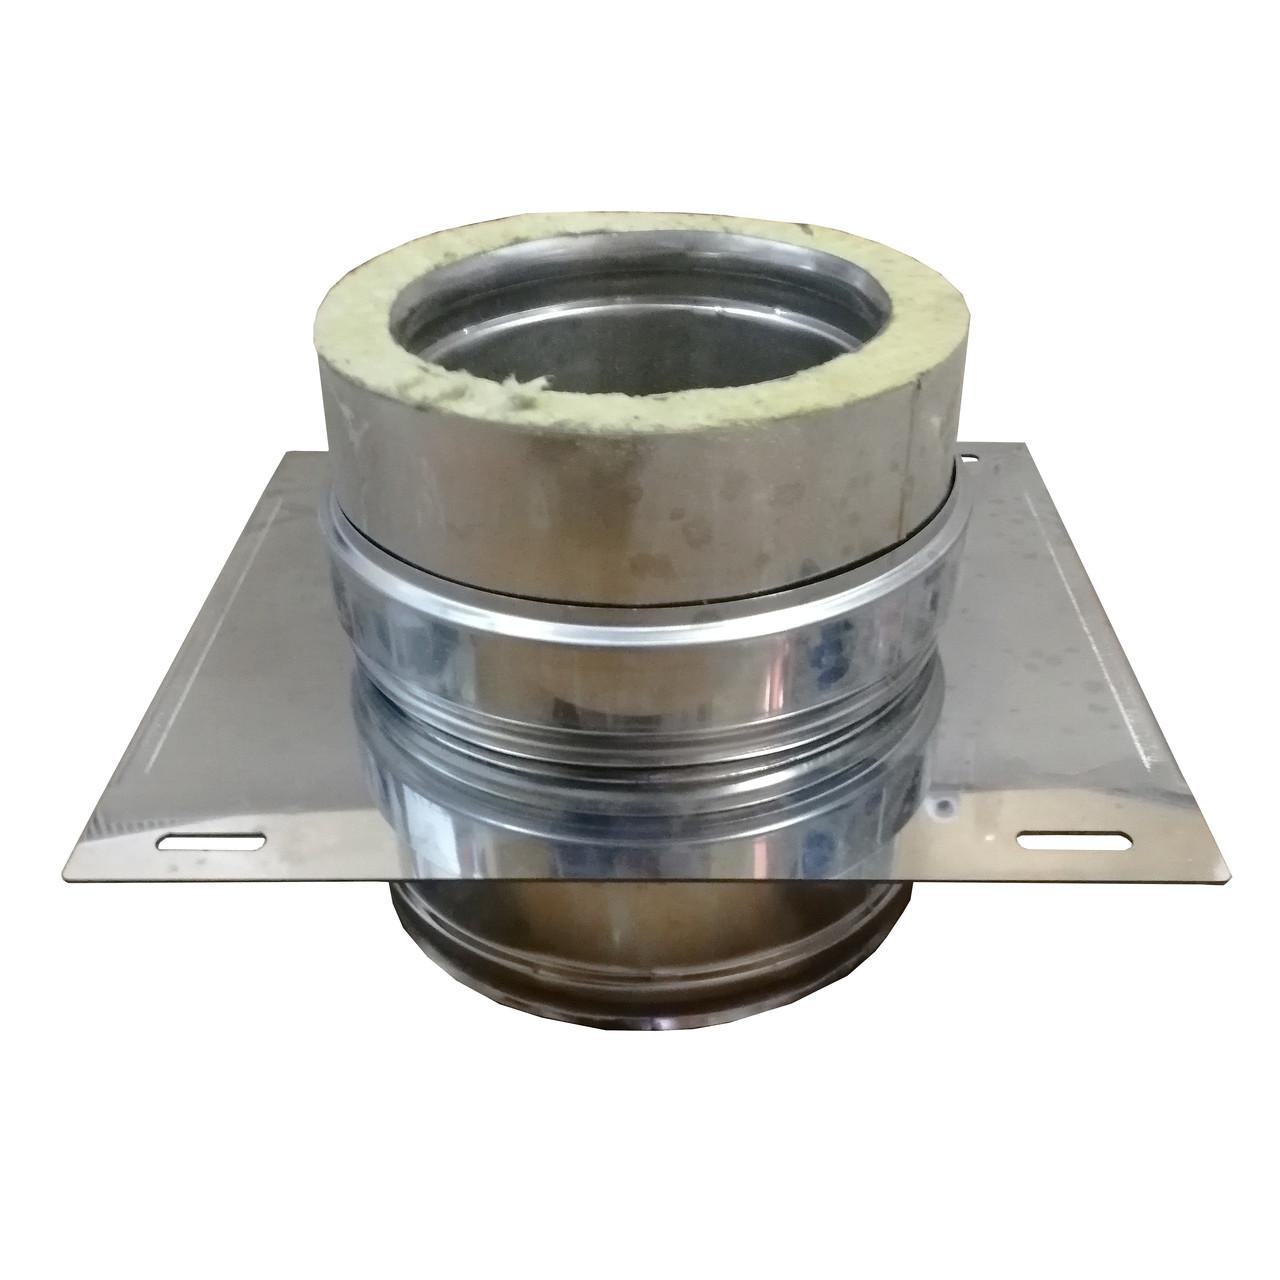 Крепление опорное Термо(430,t0.5/430,t0.5)(пластина 430-1,5) d140/D210,А310*В310,L400(Раструб)